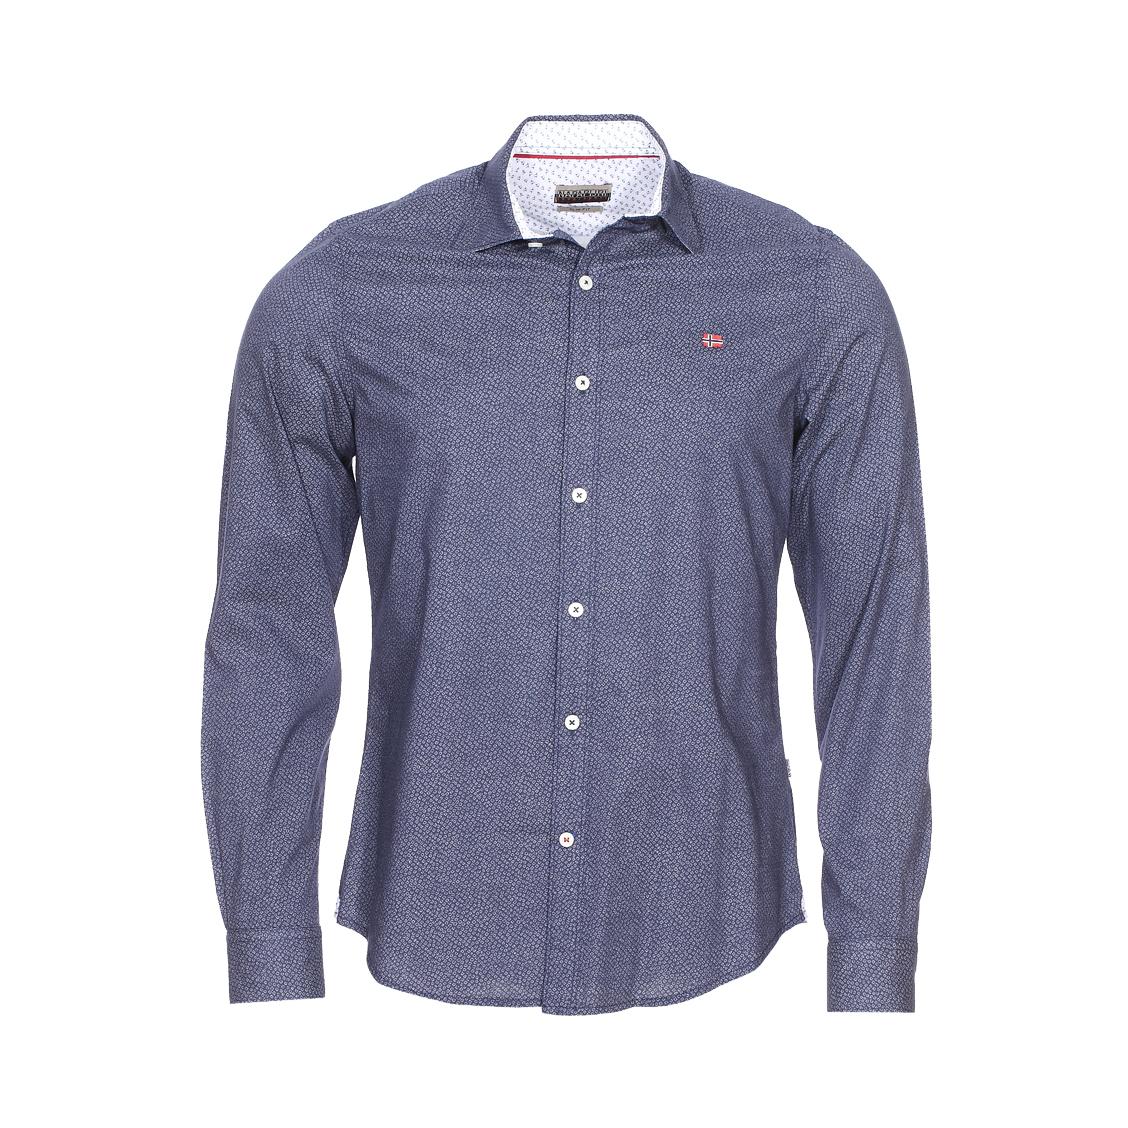 Chemise cintrée gisborne  en coton bleu indigo à petits motifs blancs